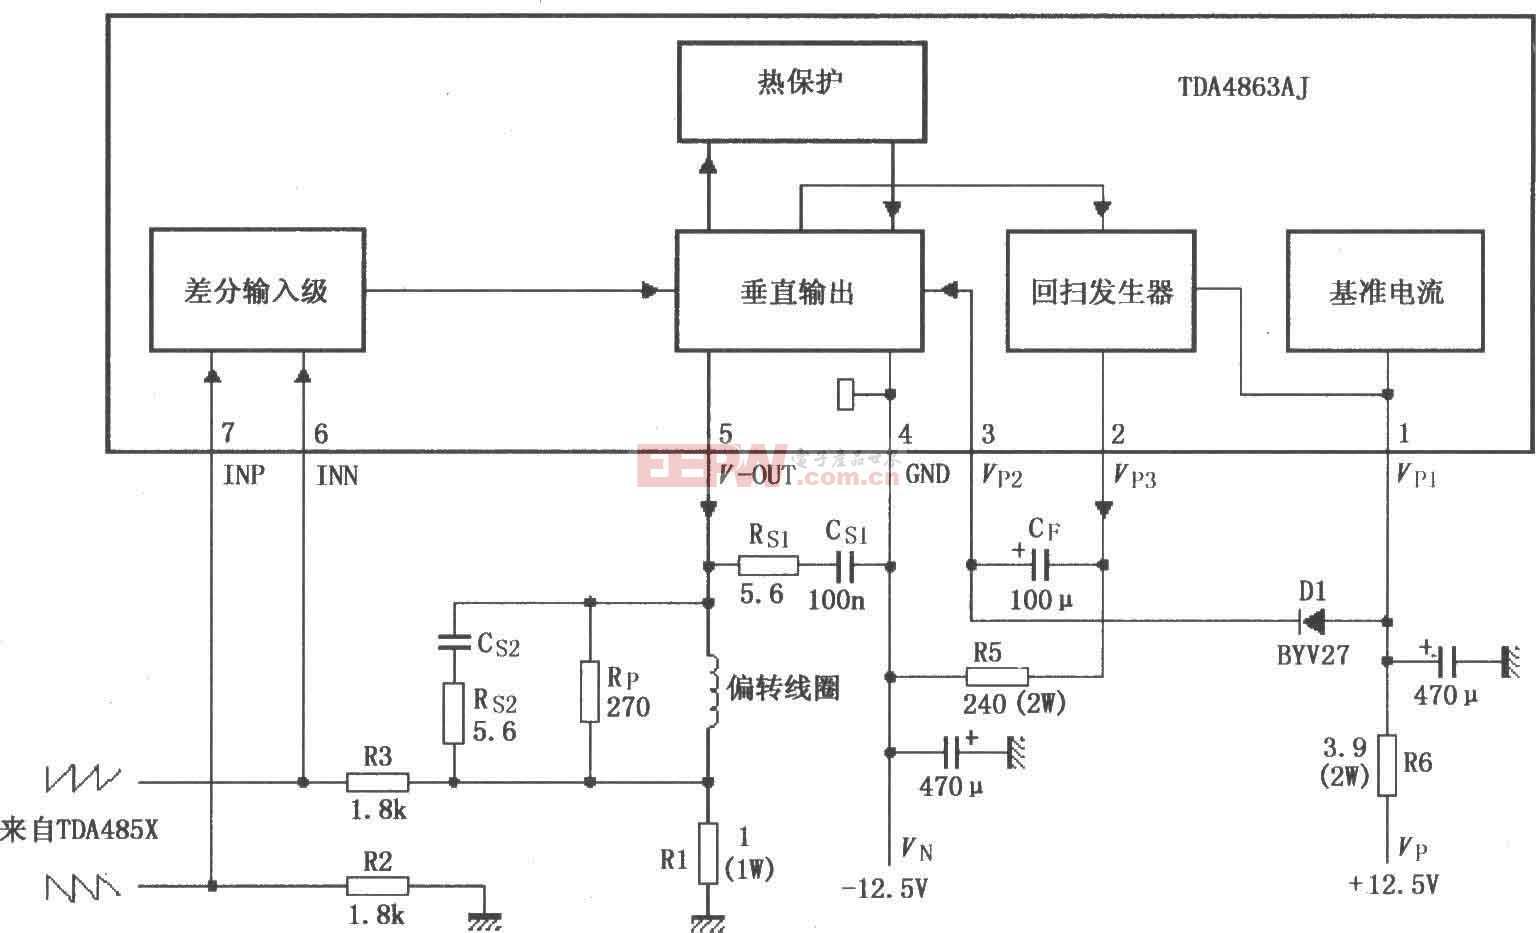 TDA4863AJ基本应用电路图(二)